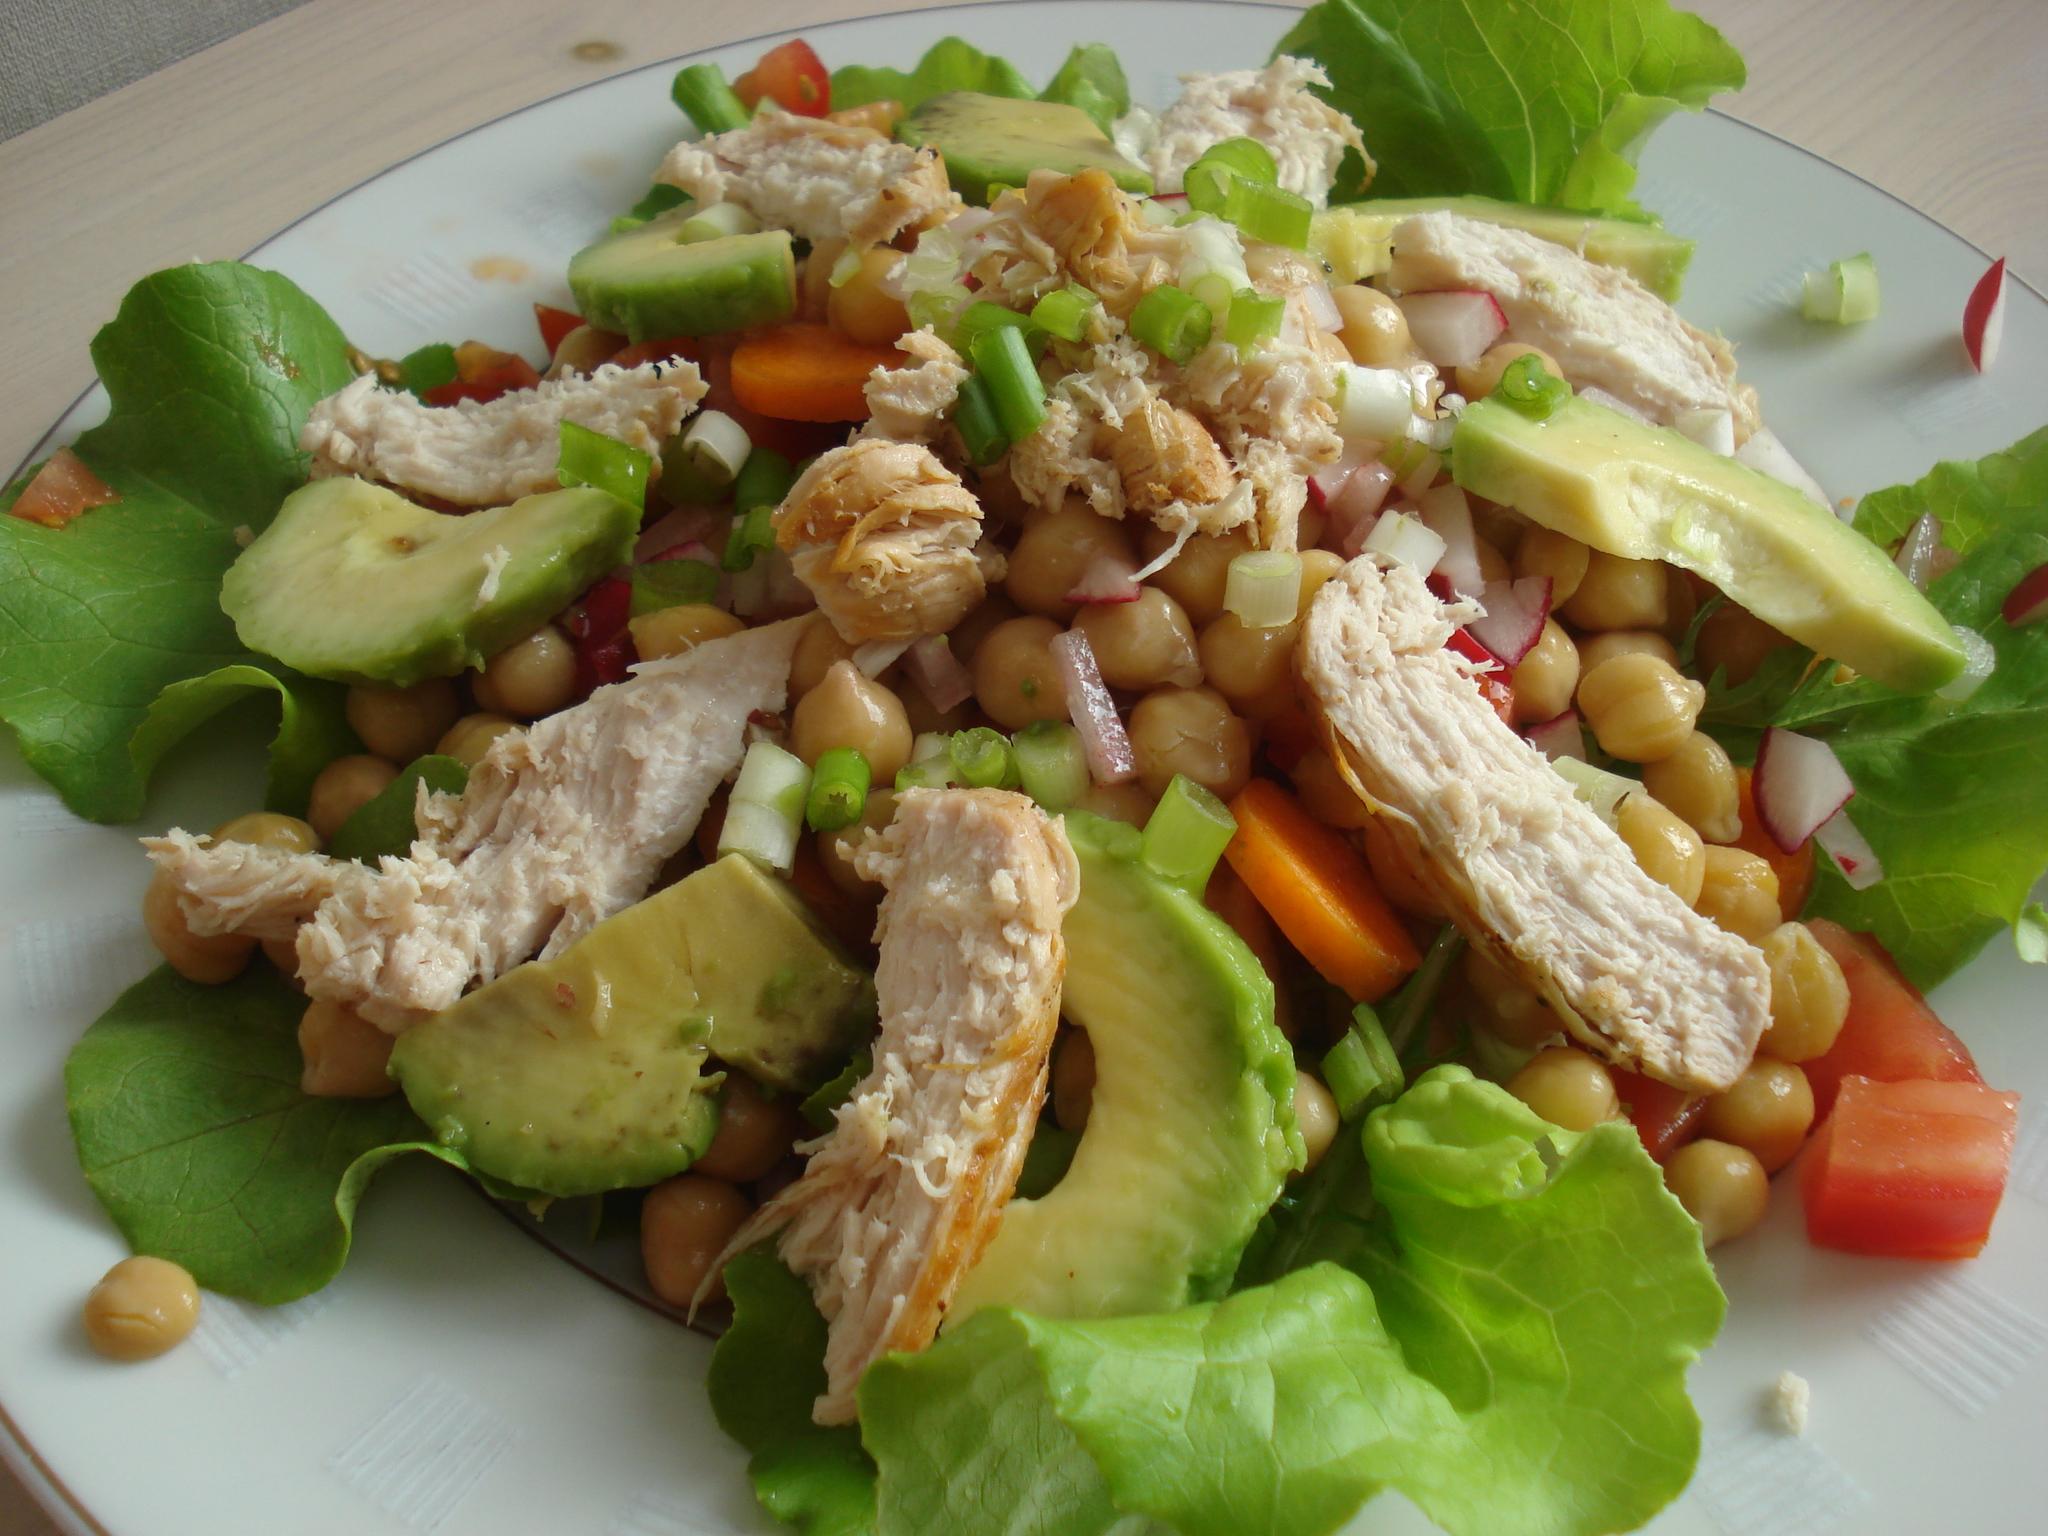 recept: heerlijke maaltijdsalade met kikkererwten, kip, avocado en